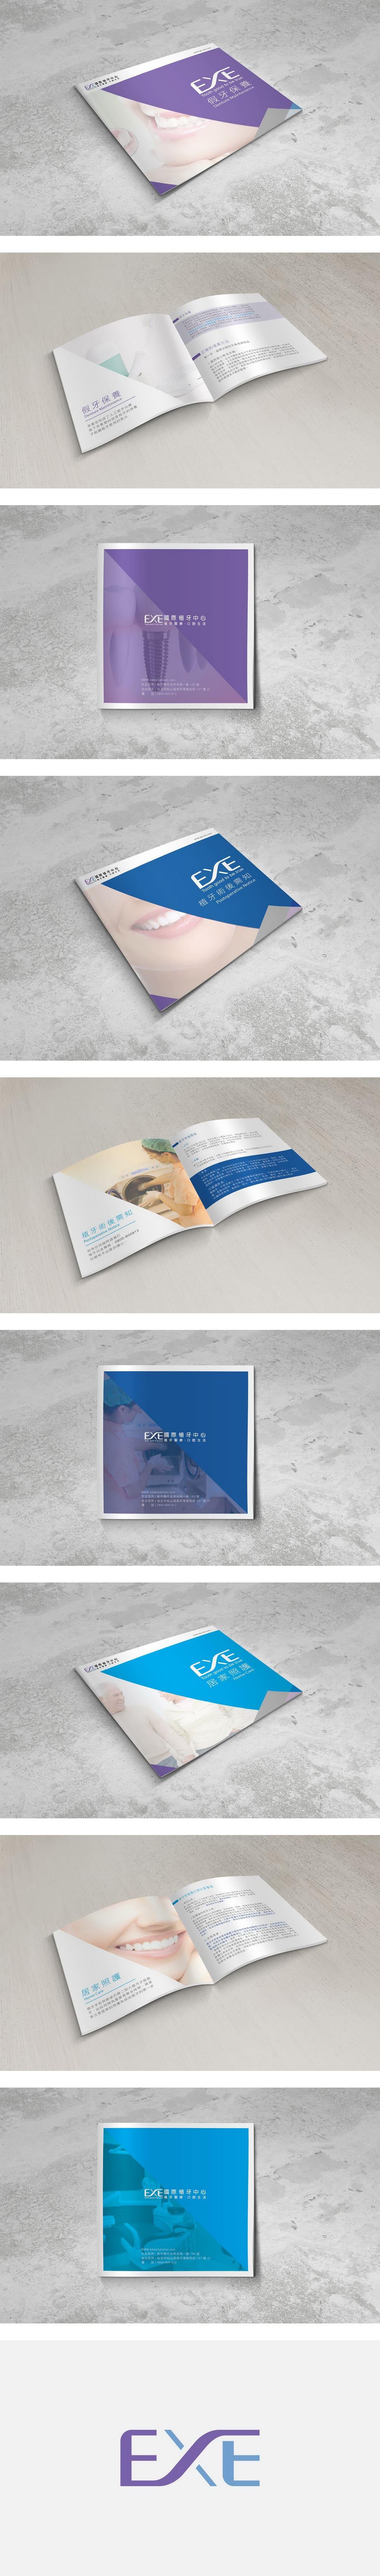 EXE-國際植牙品牌-診所DM